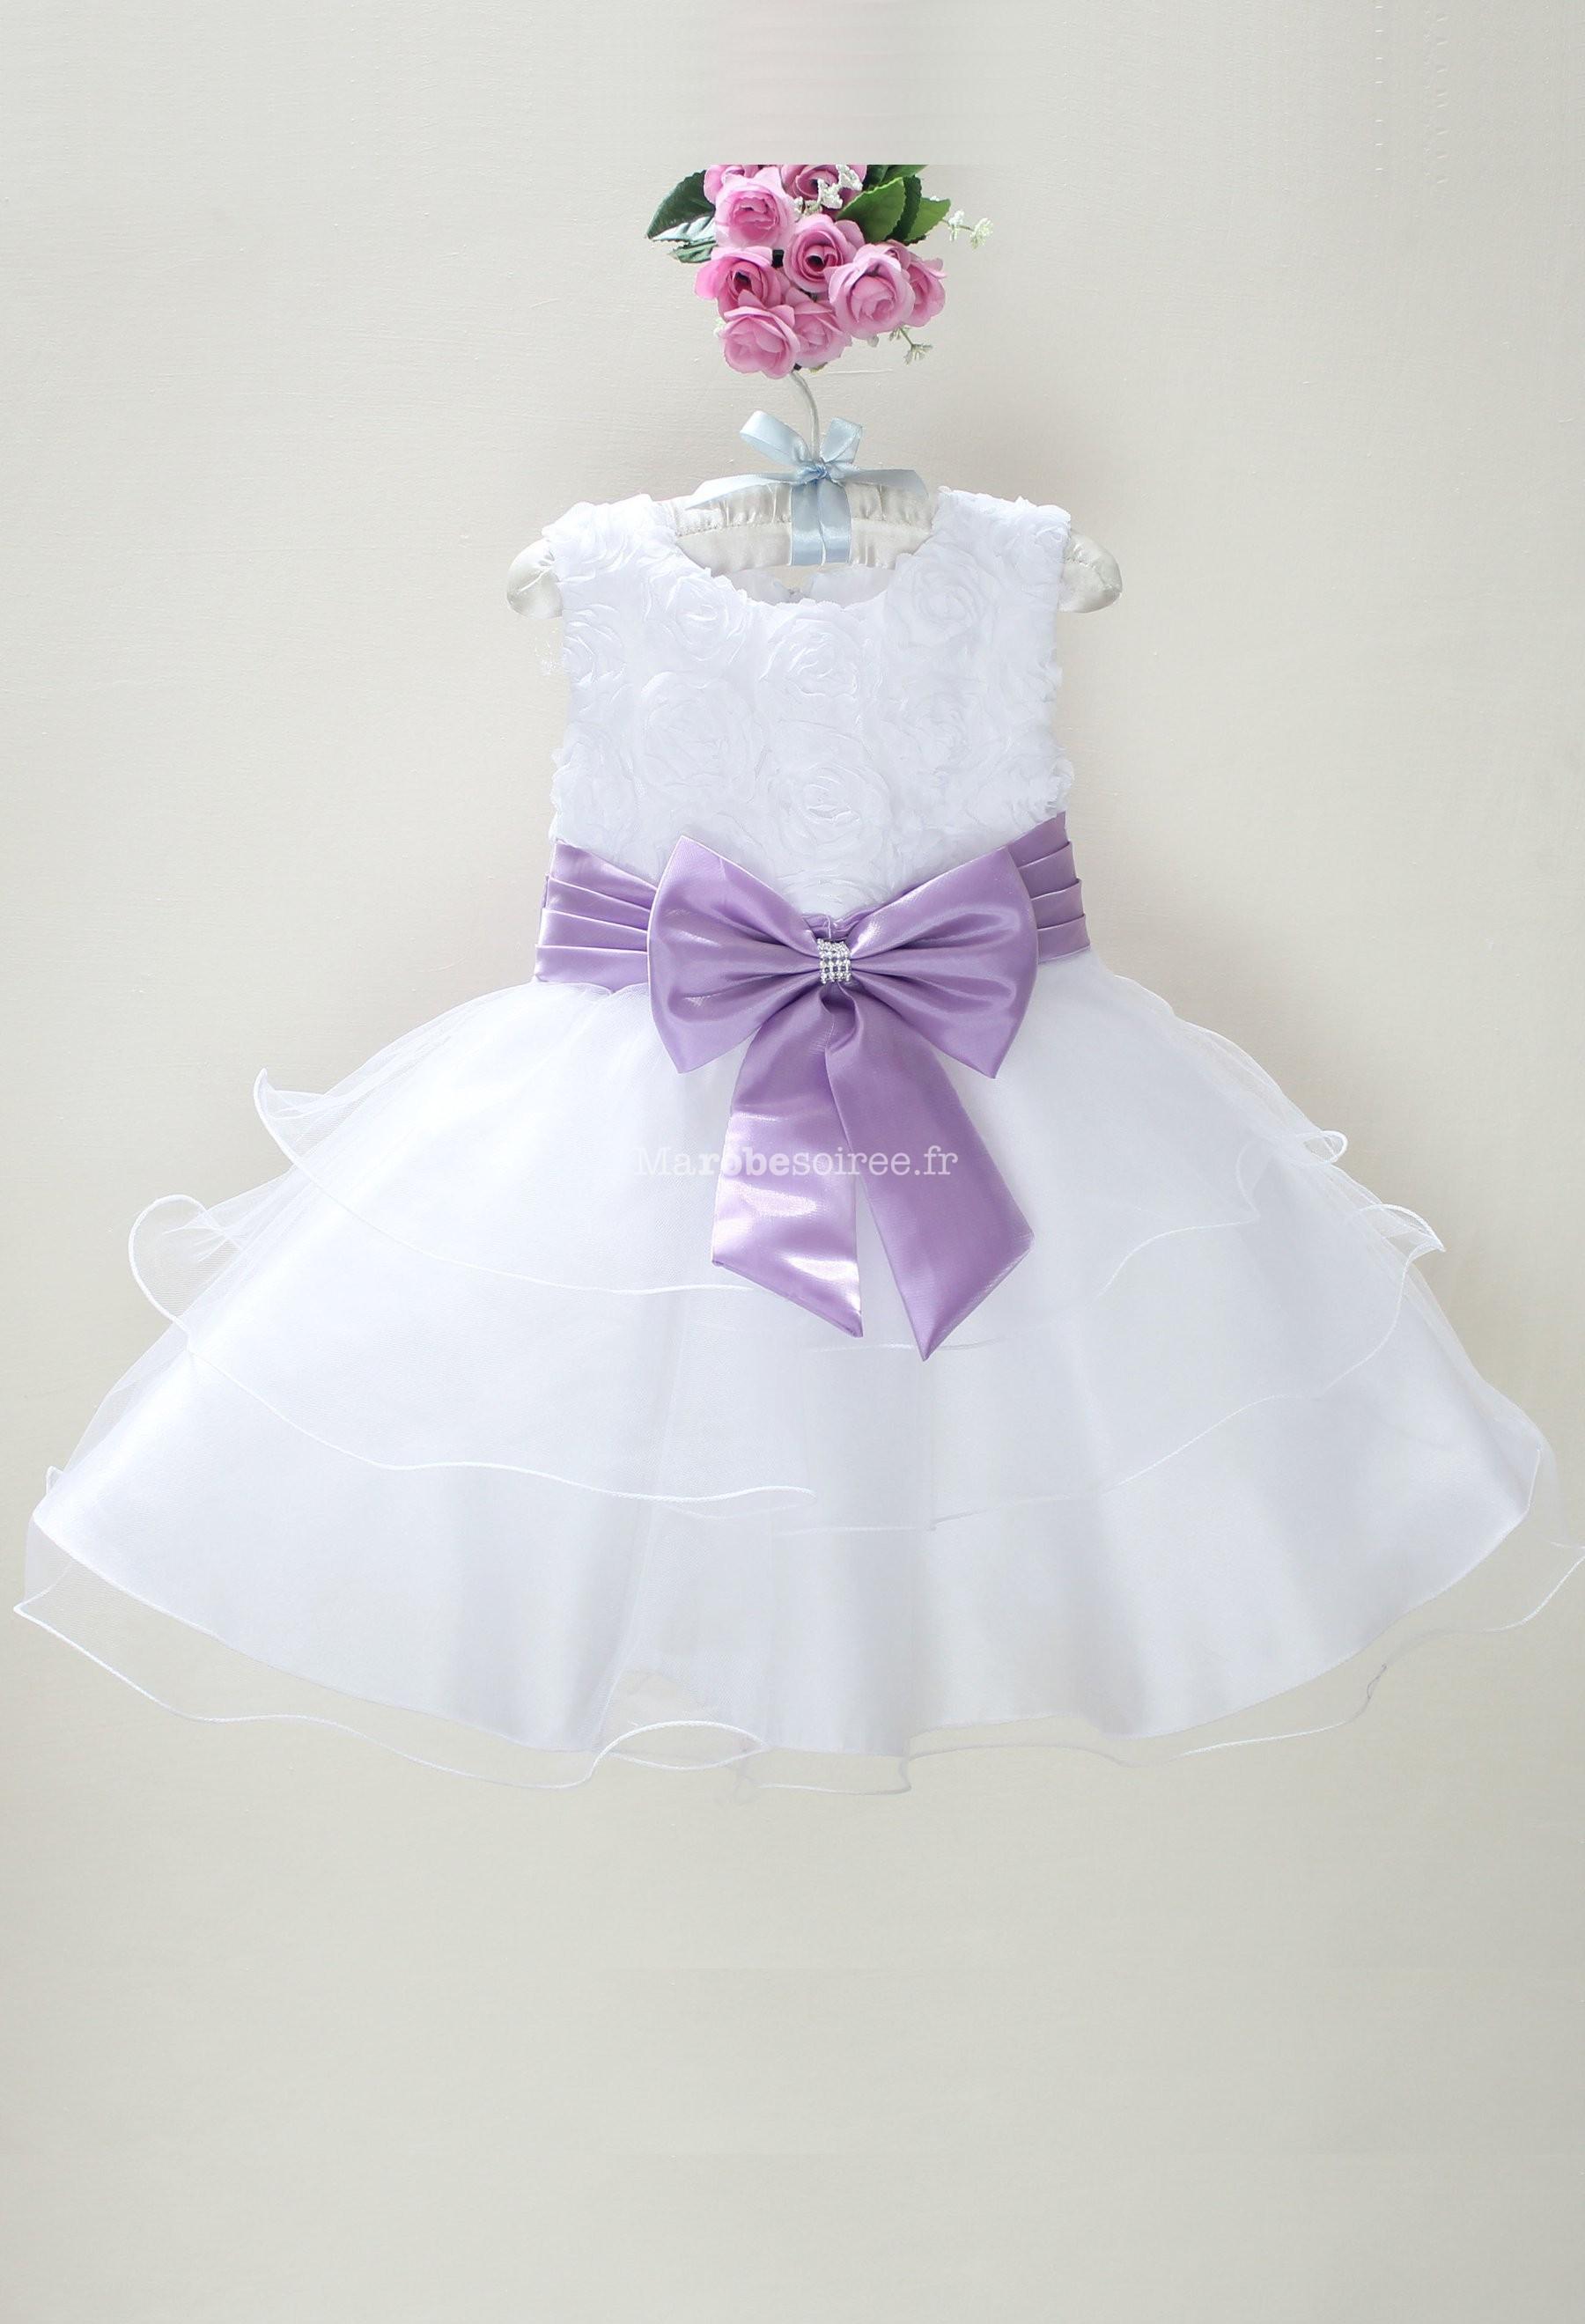 4a0f495faf1ff Déstockage - Robe petite fille blanche avec des rubans réf  EF6079